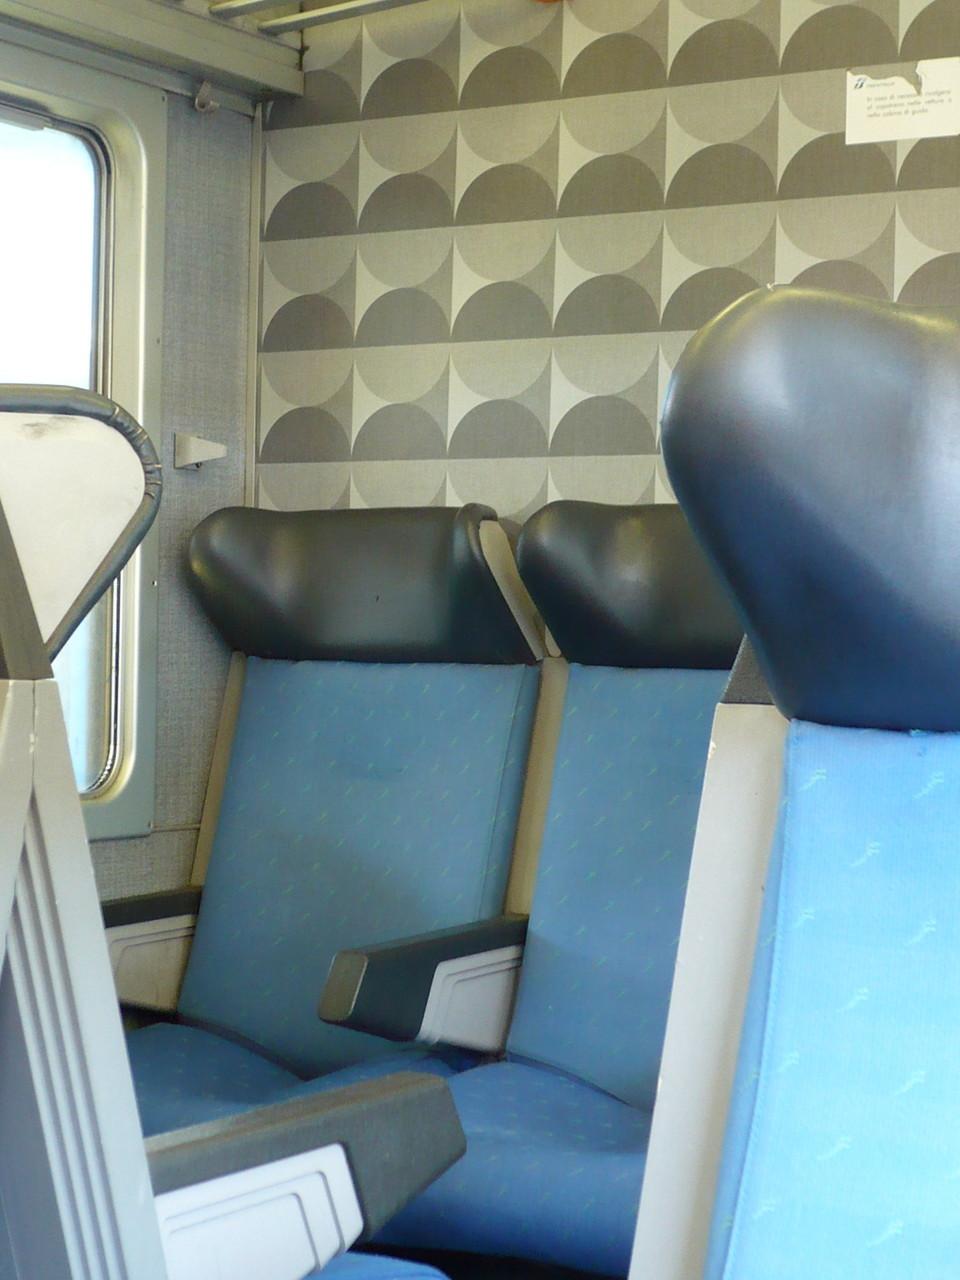 Die meisten Regionalzüge sehen so aus. Die neueren haben eine Klimaanlage.